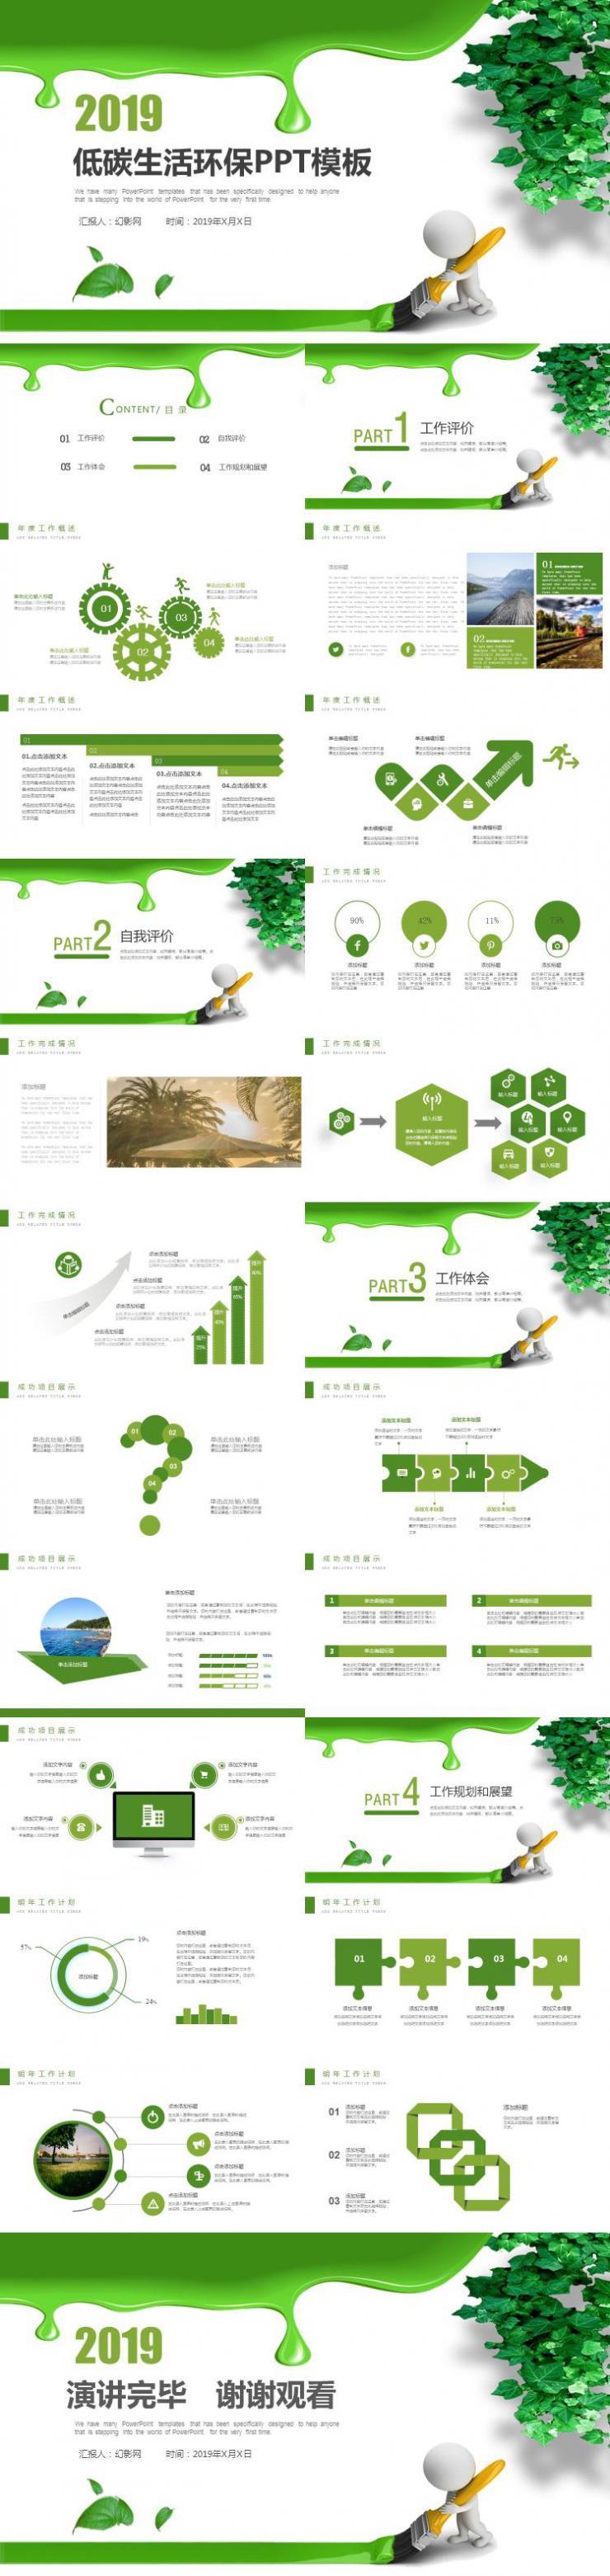 绿色环保公益低碳生活动态PPT模板